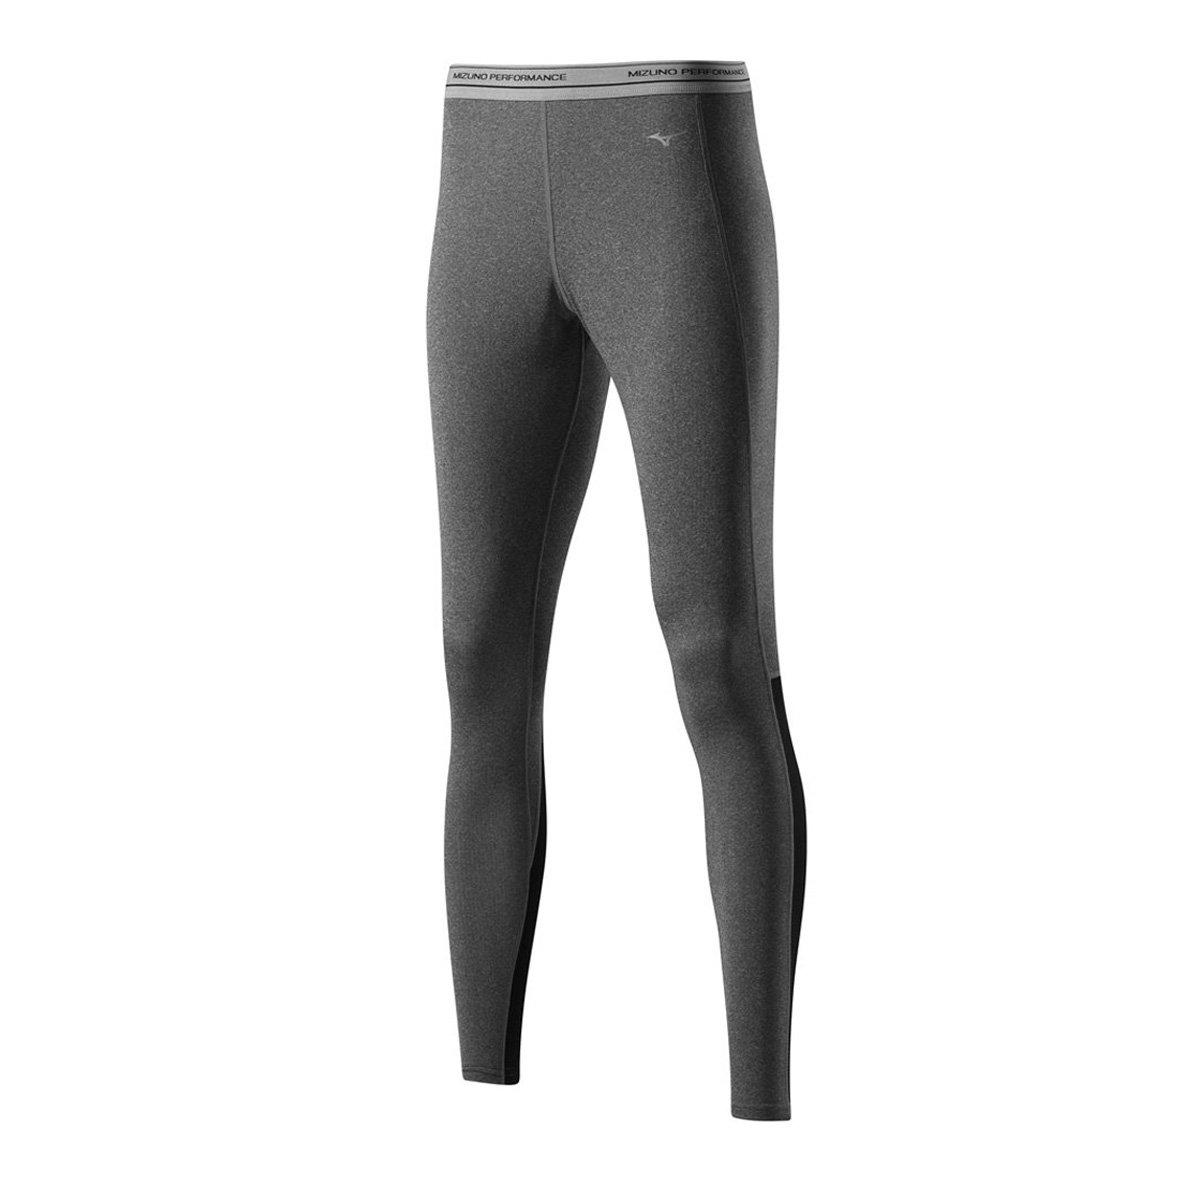 Mizuno MERINO WOOL long tights